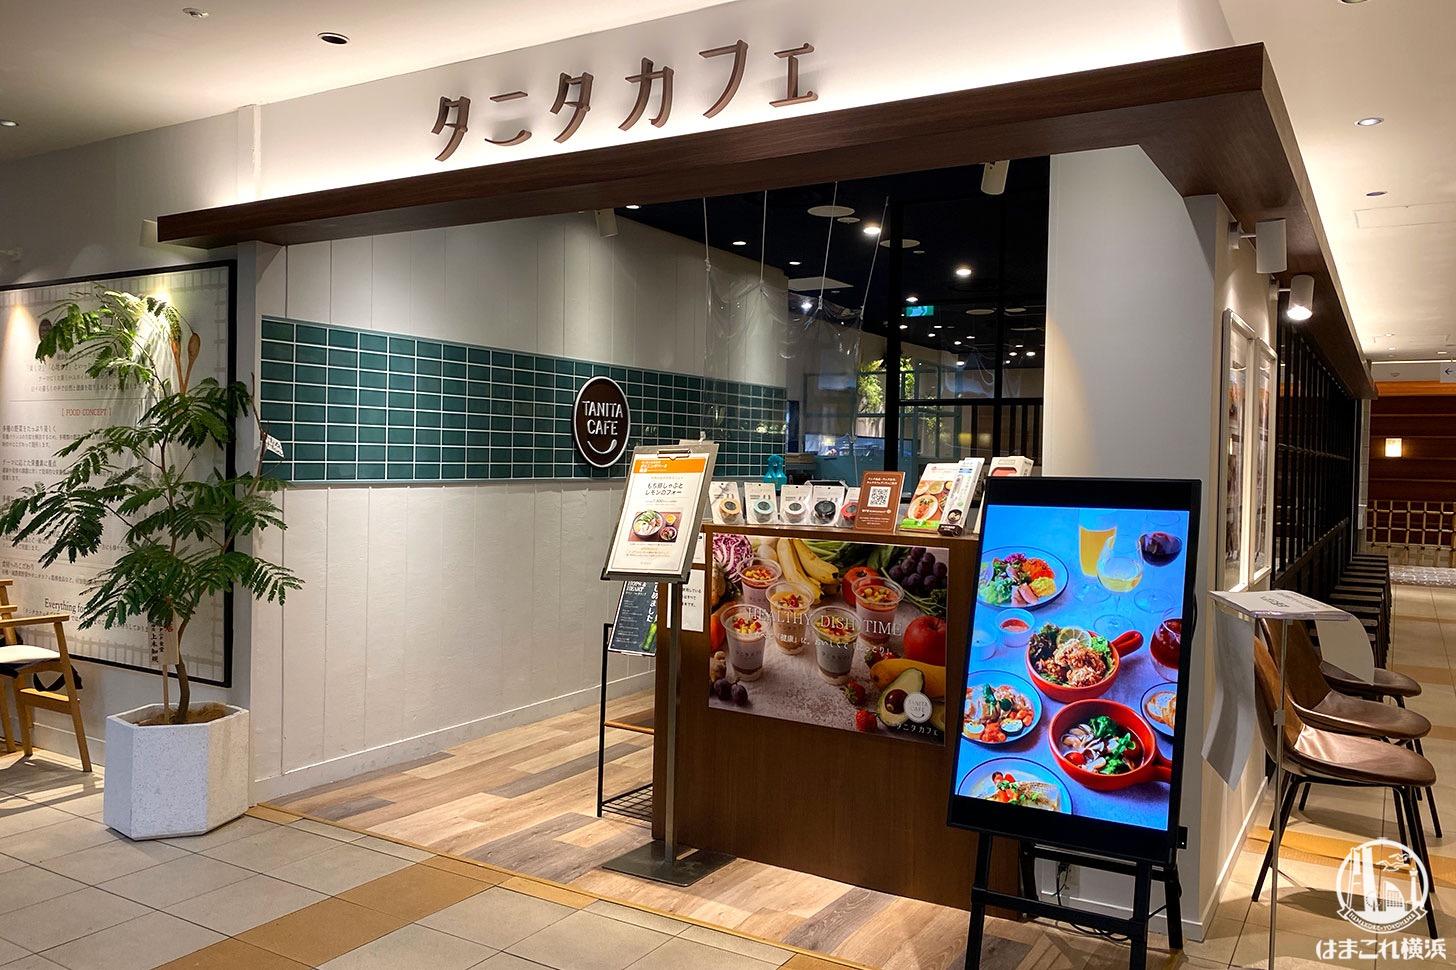 タニタカフェがそごう横浜店にオープン 先にメニューを少し確認